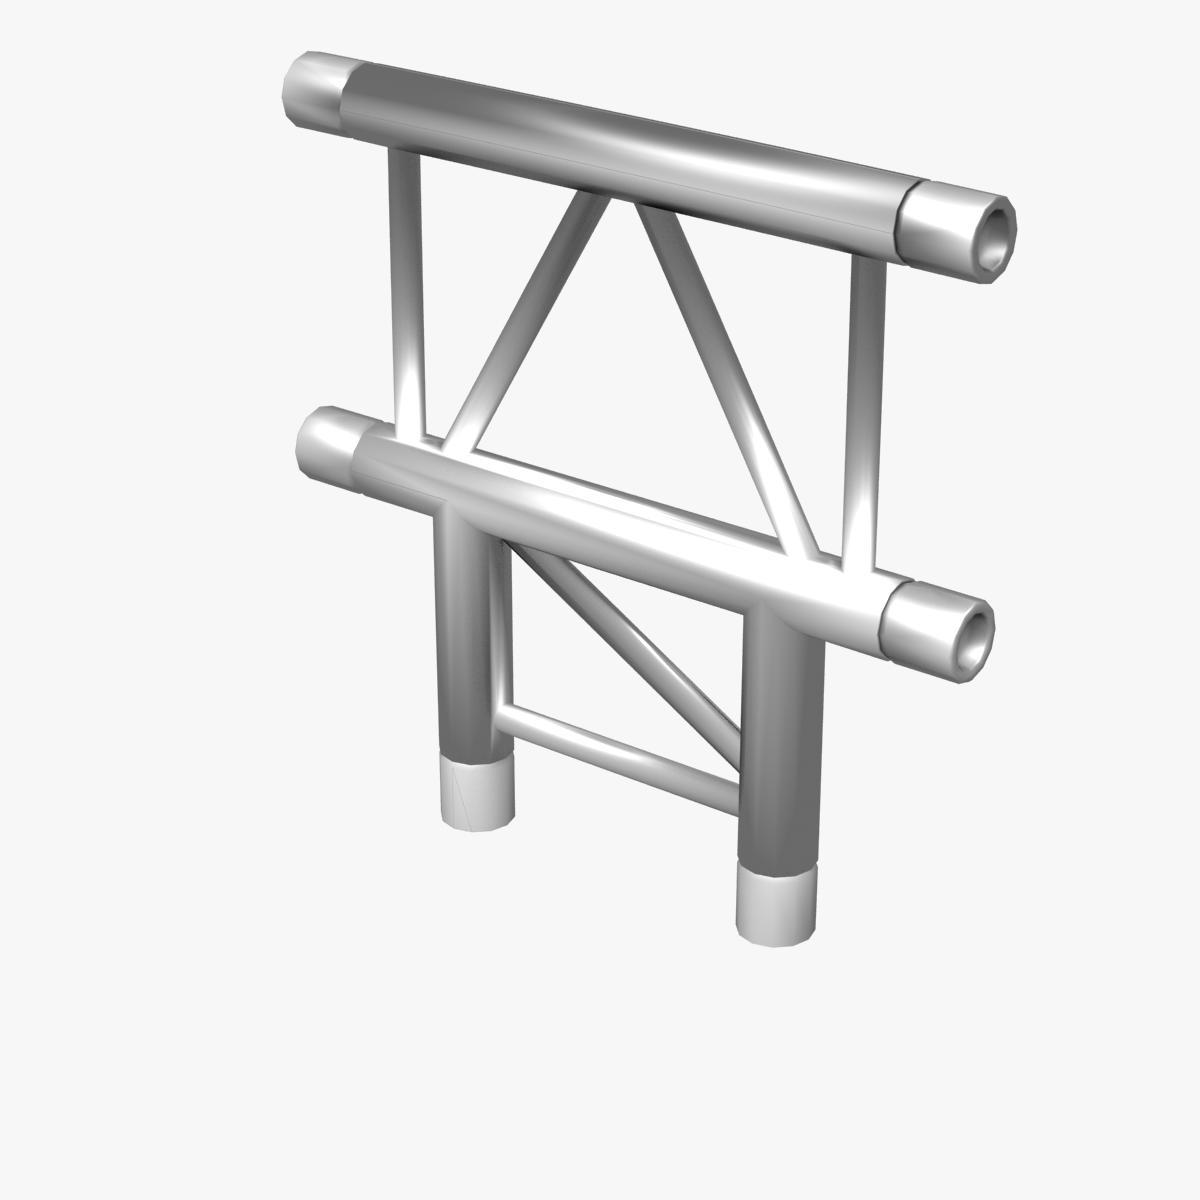 Beam truss cross and t junction 134 3d model buy beam for Buy truss